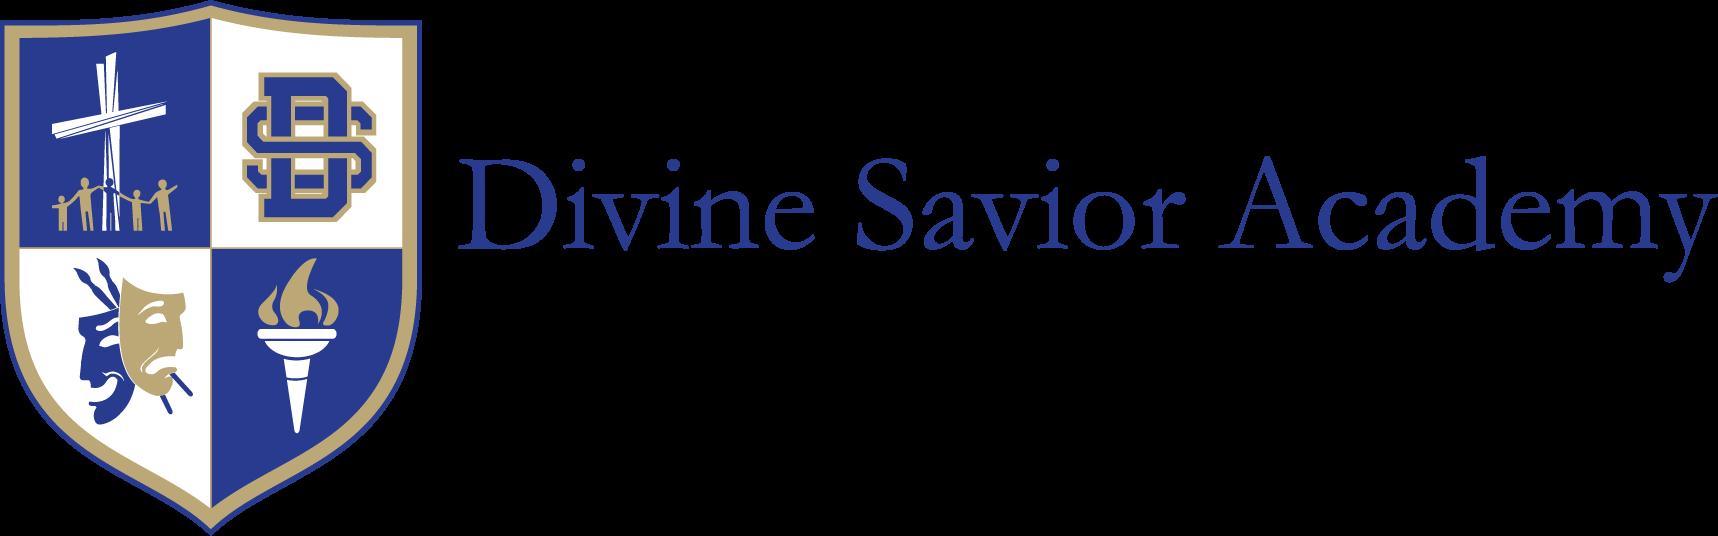 Divine Savior Academy - mobile logo